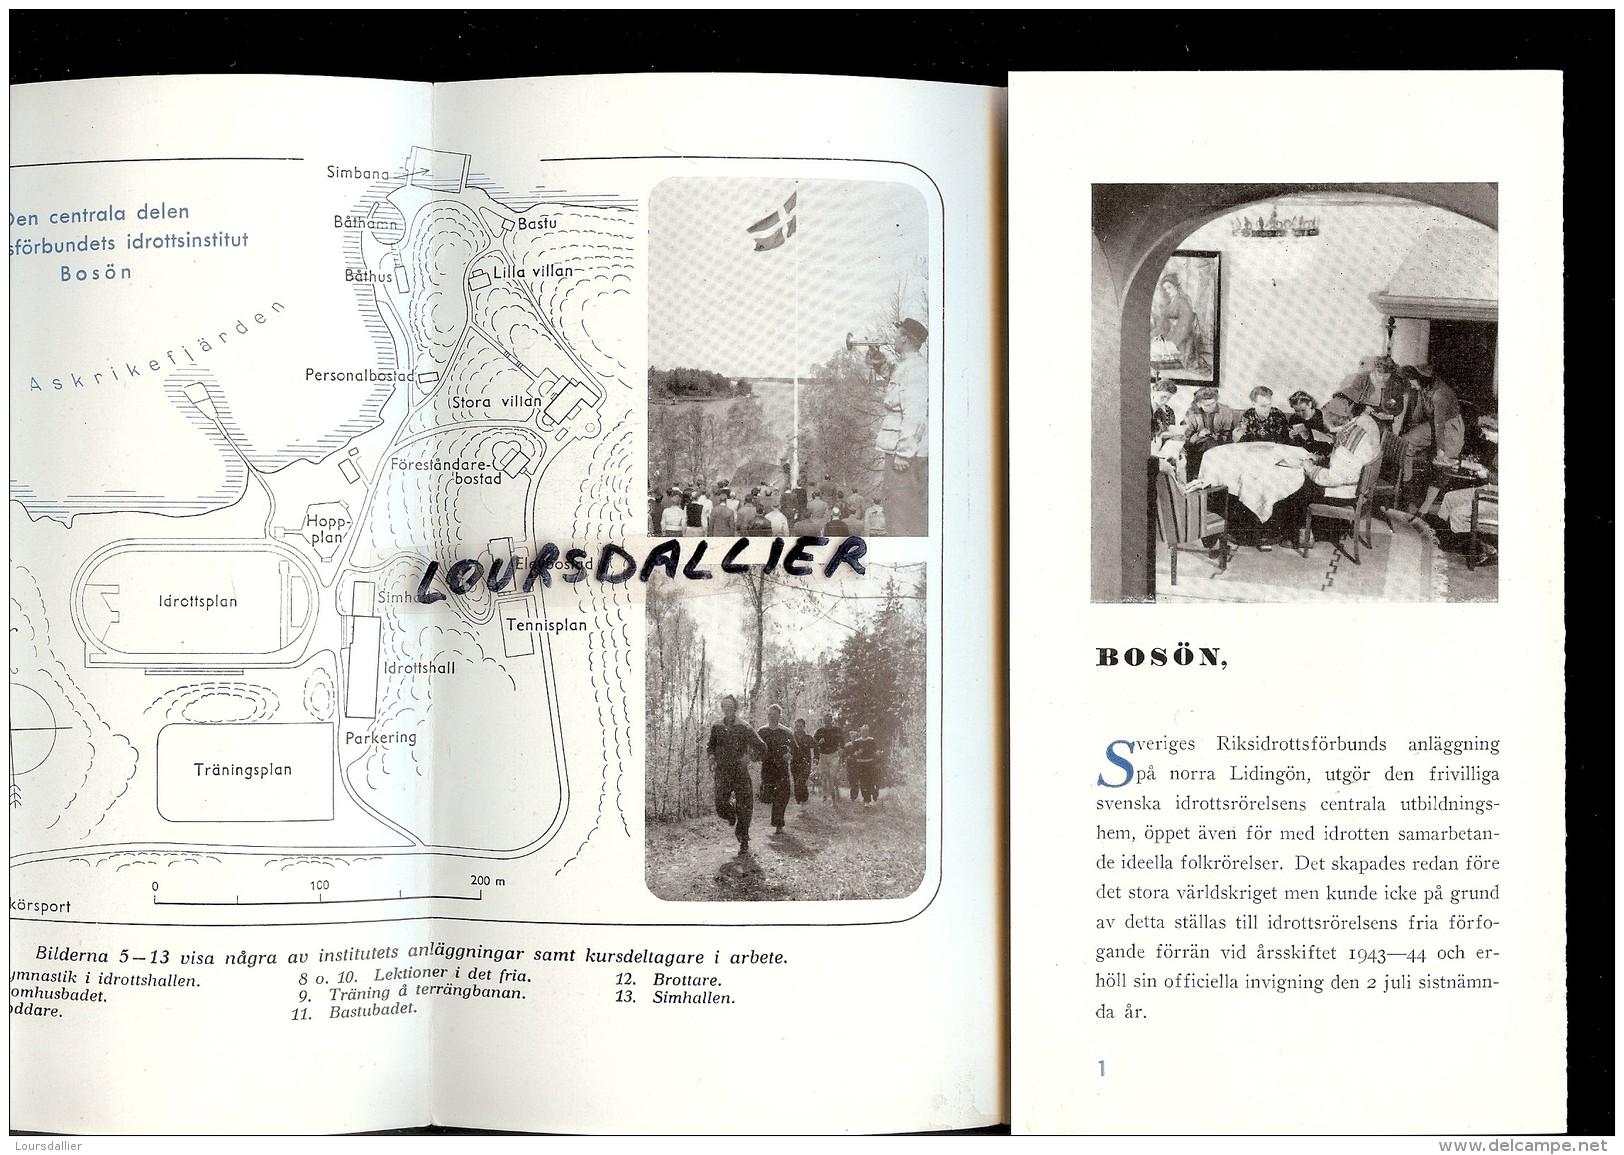 SUEDE BOSON Institut Des Sport 1952 Idrottsinstitut 1952 - Books, Magazines, Comics